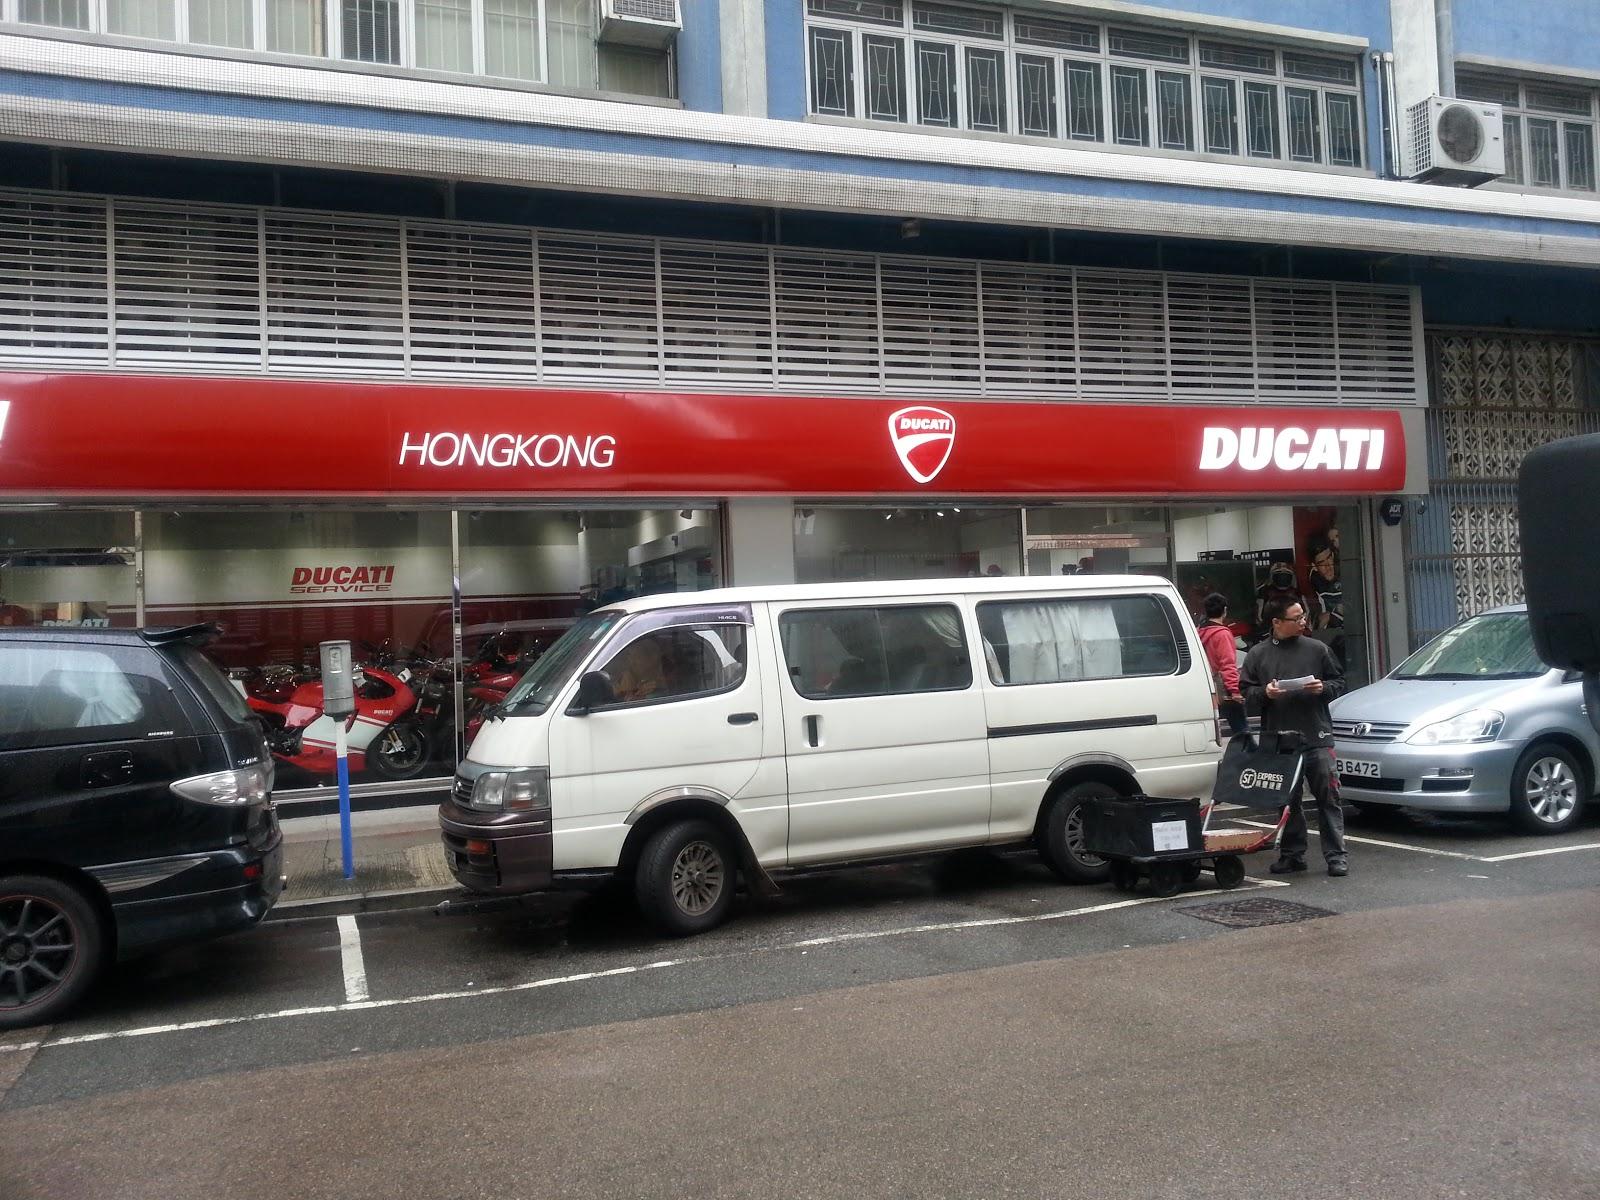 Hong kong bike shop online